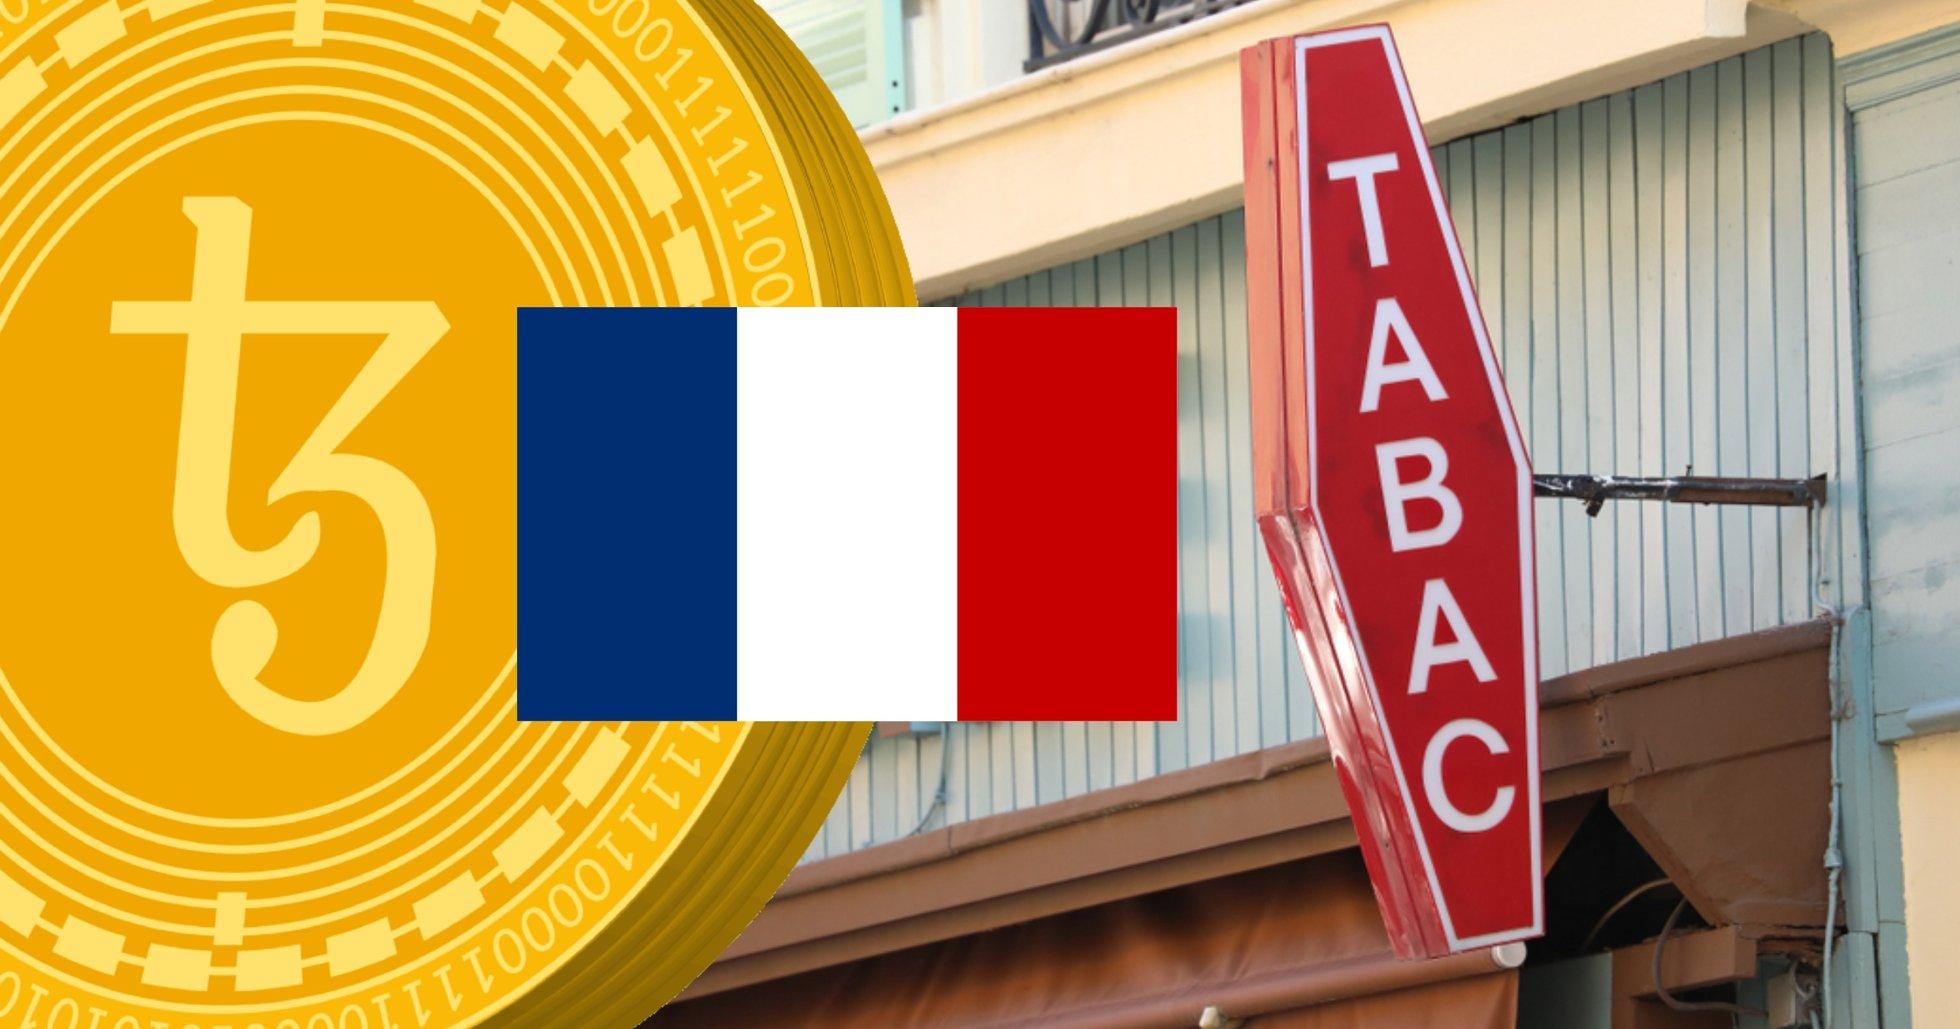 Nu kan du köpa kryptovalutan tezos i 10 000 franska affärer